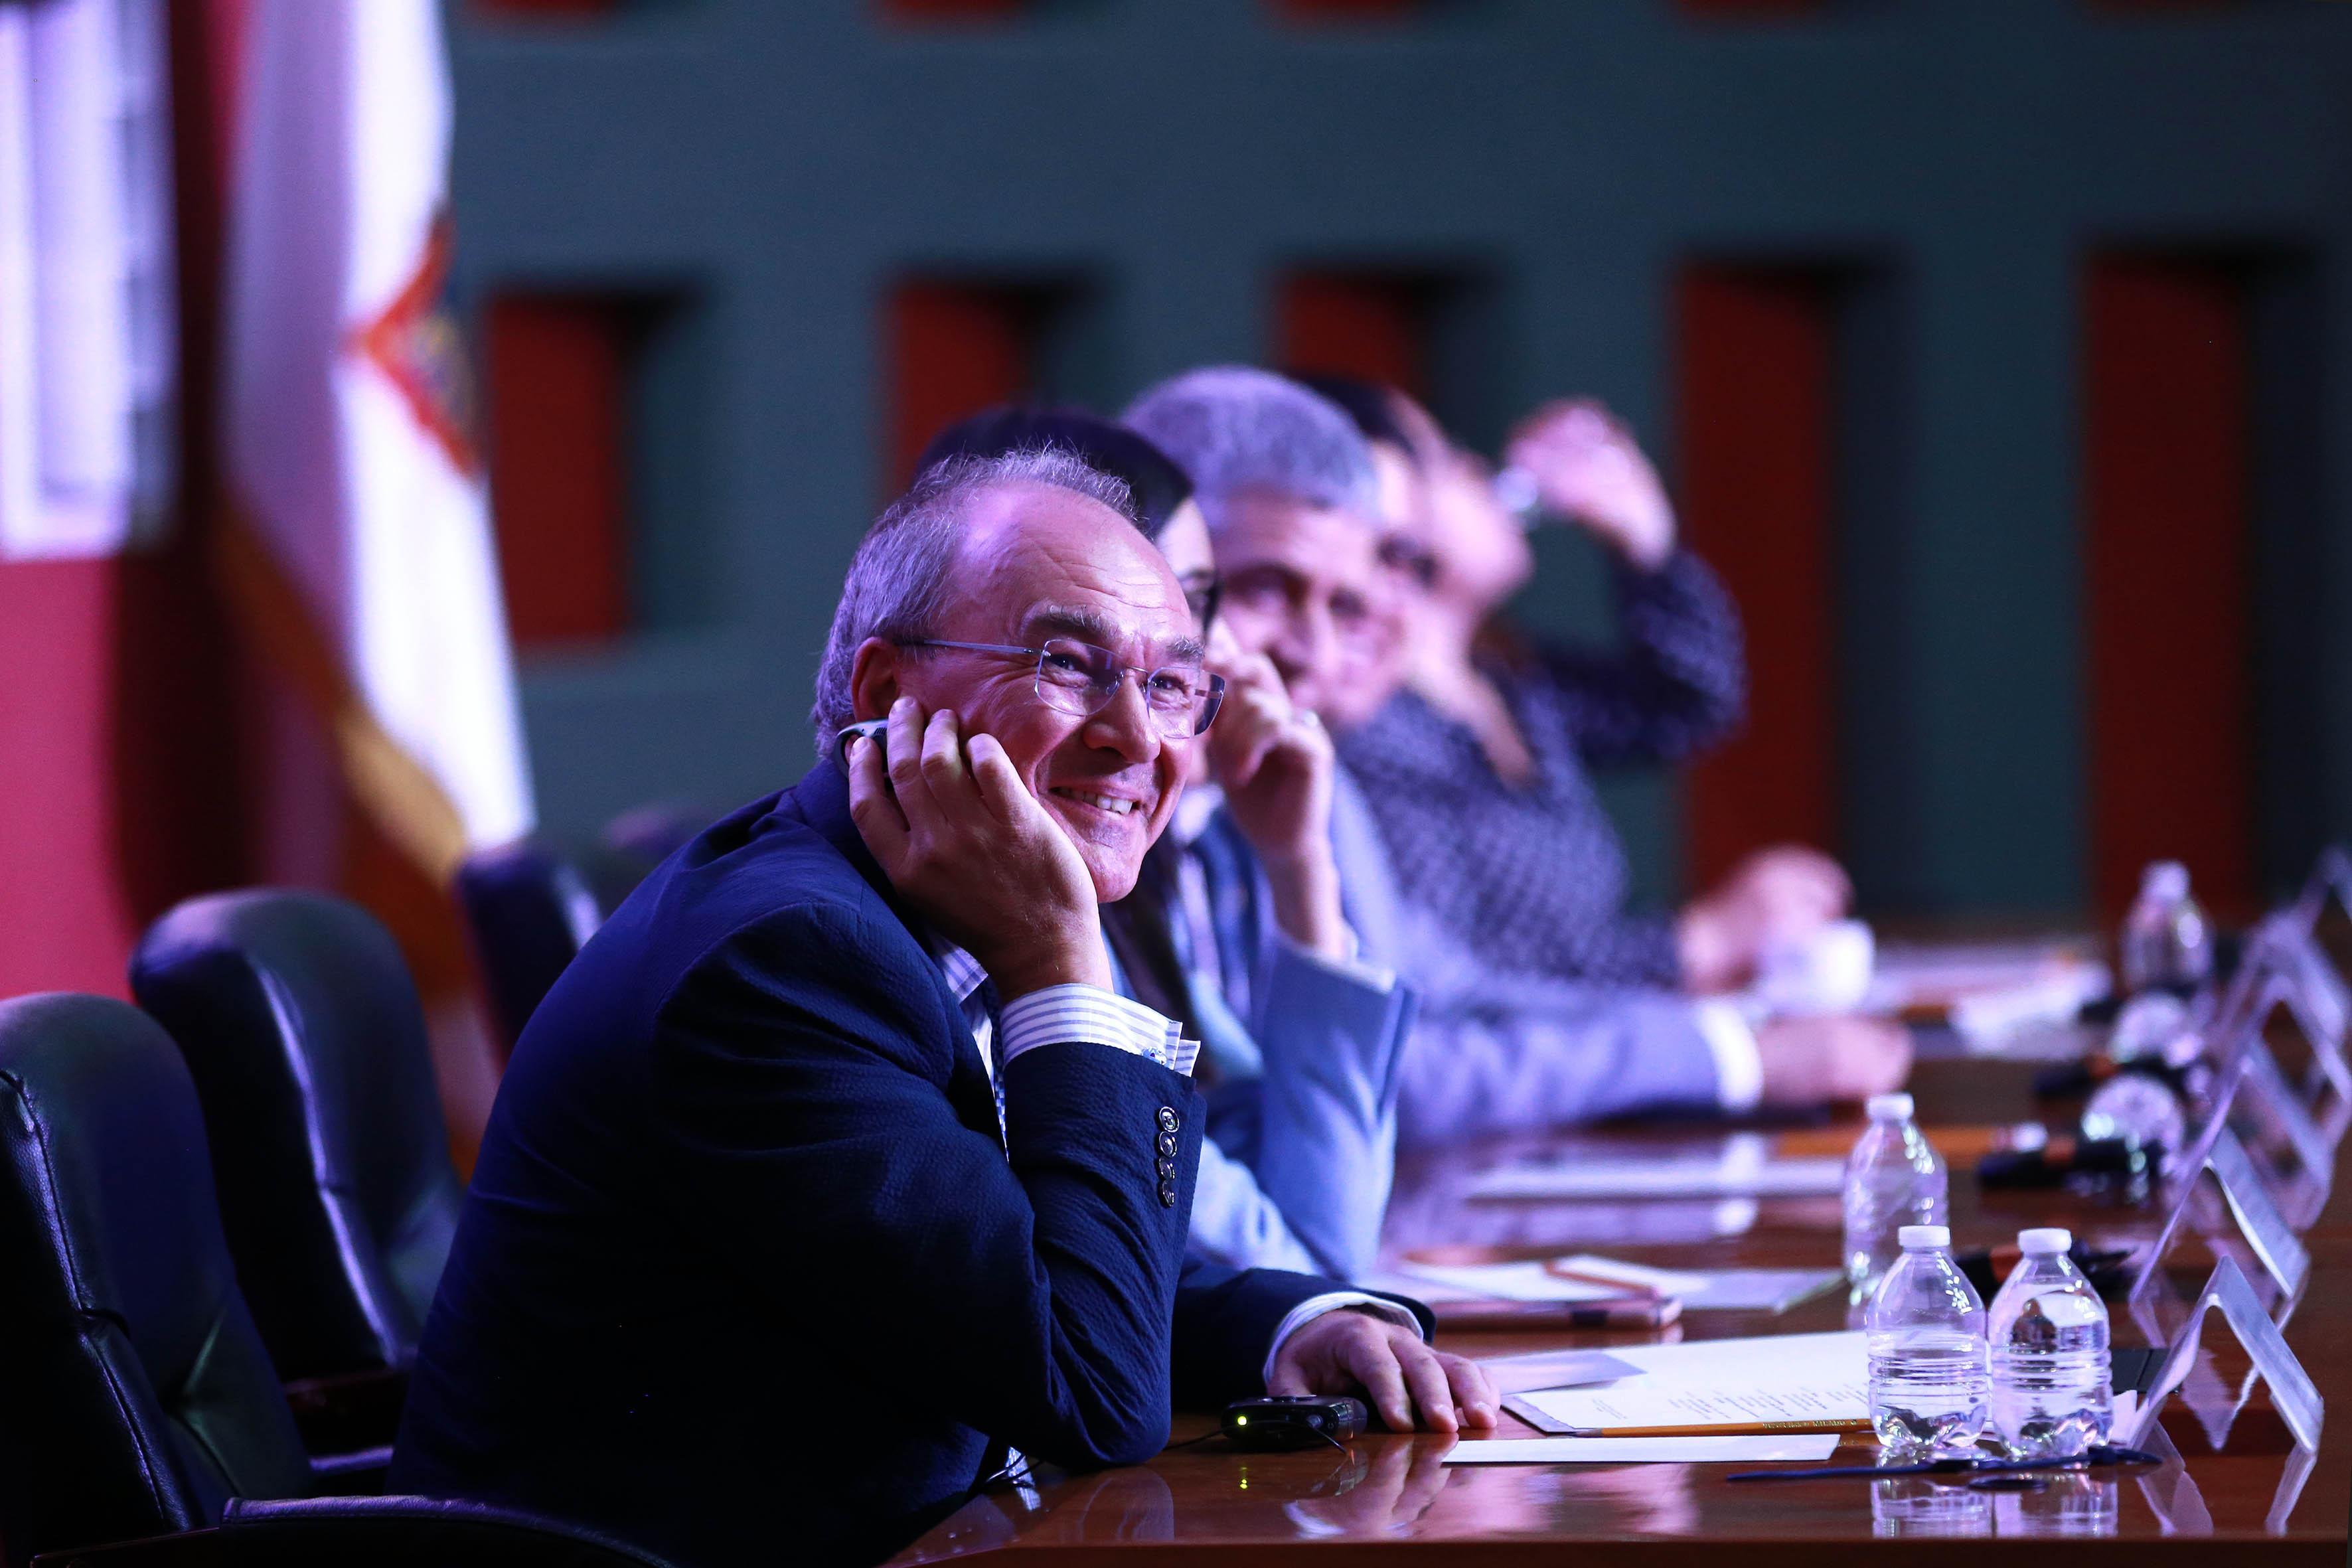 Ponente en la mesa del presídium sonrriendo